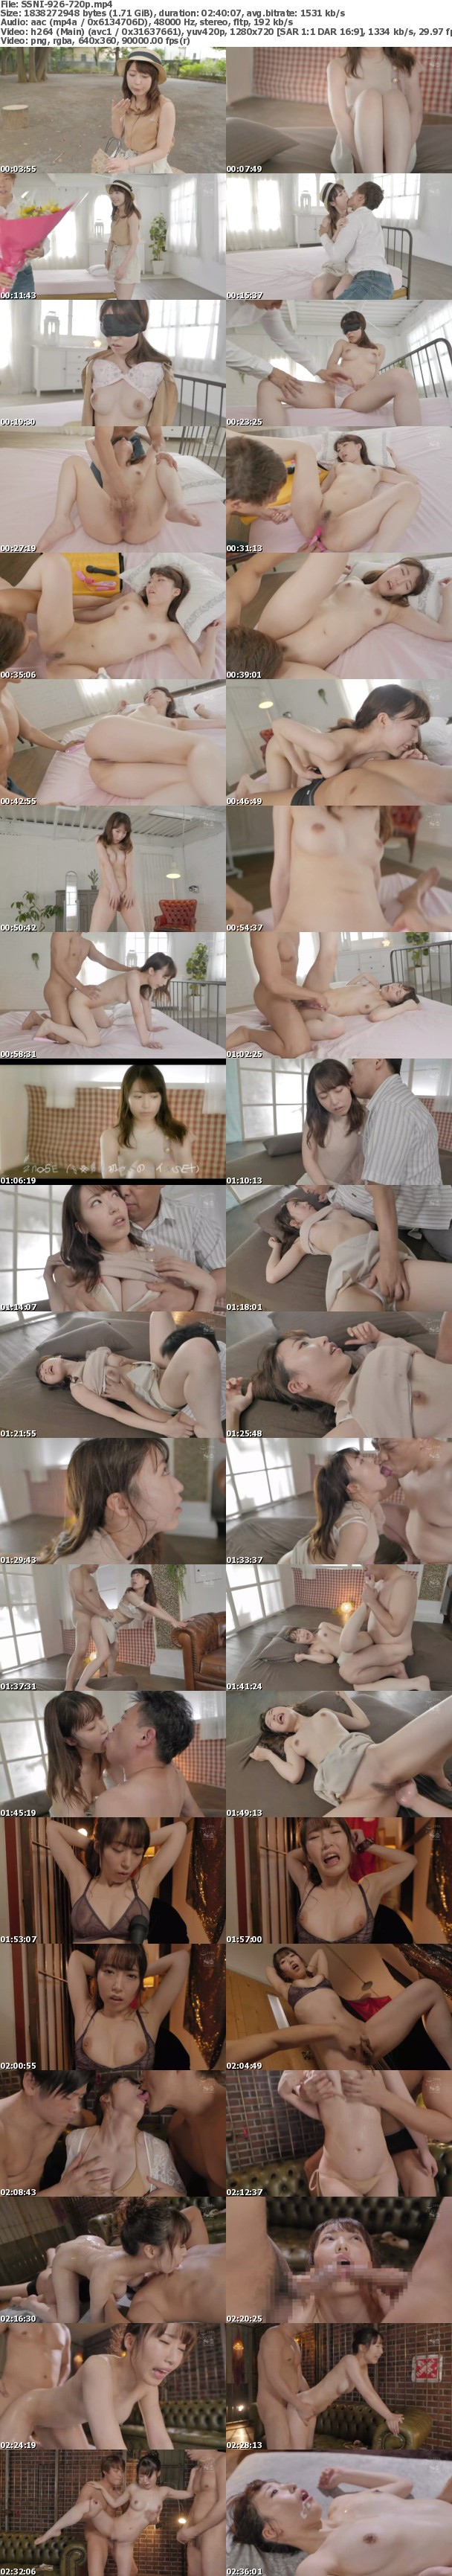 (HD) SSNI-926 快感!初・体・験めちゃイキ3本番 年下のお姉さんがどっぷり性に目覚める新アクメ性交 潮美舞